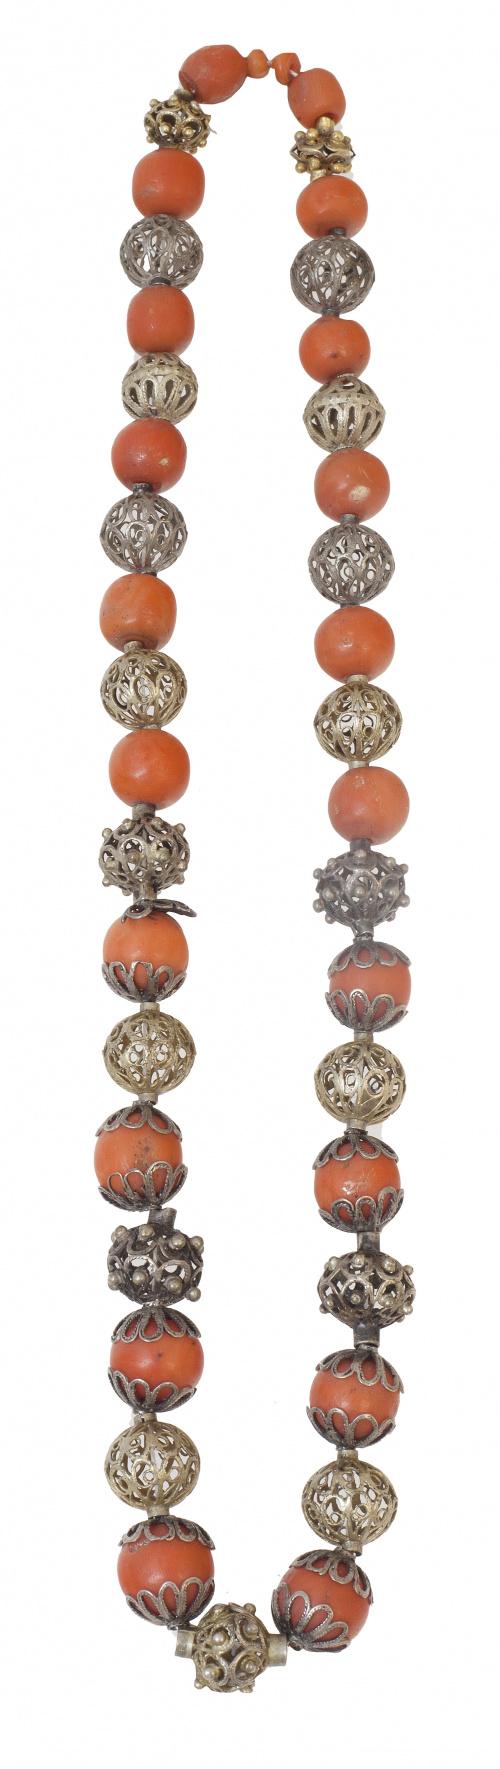 Collar popular español S. XVIII con cuentas de coral altern